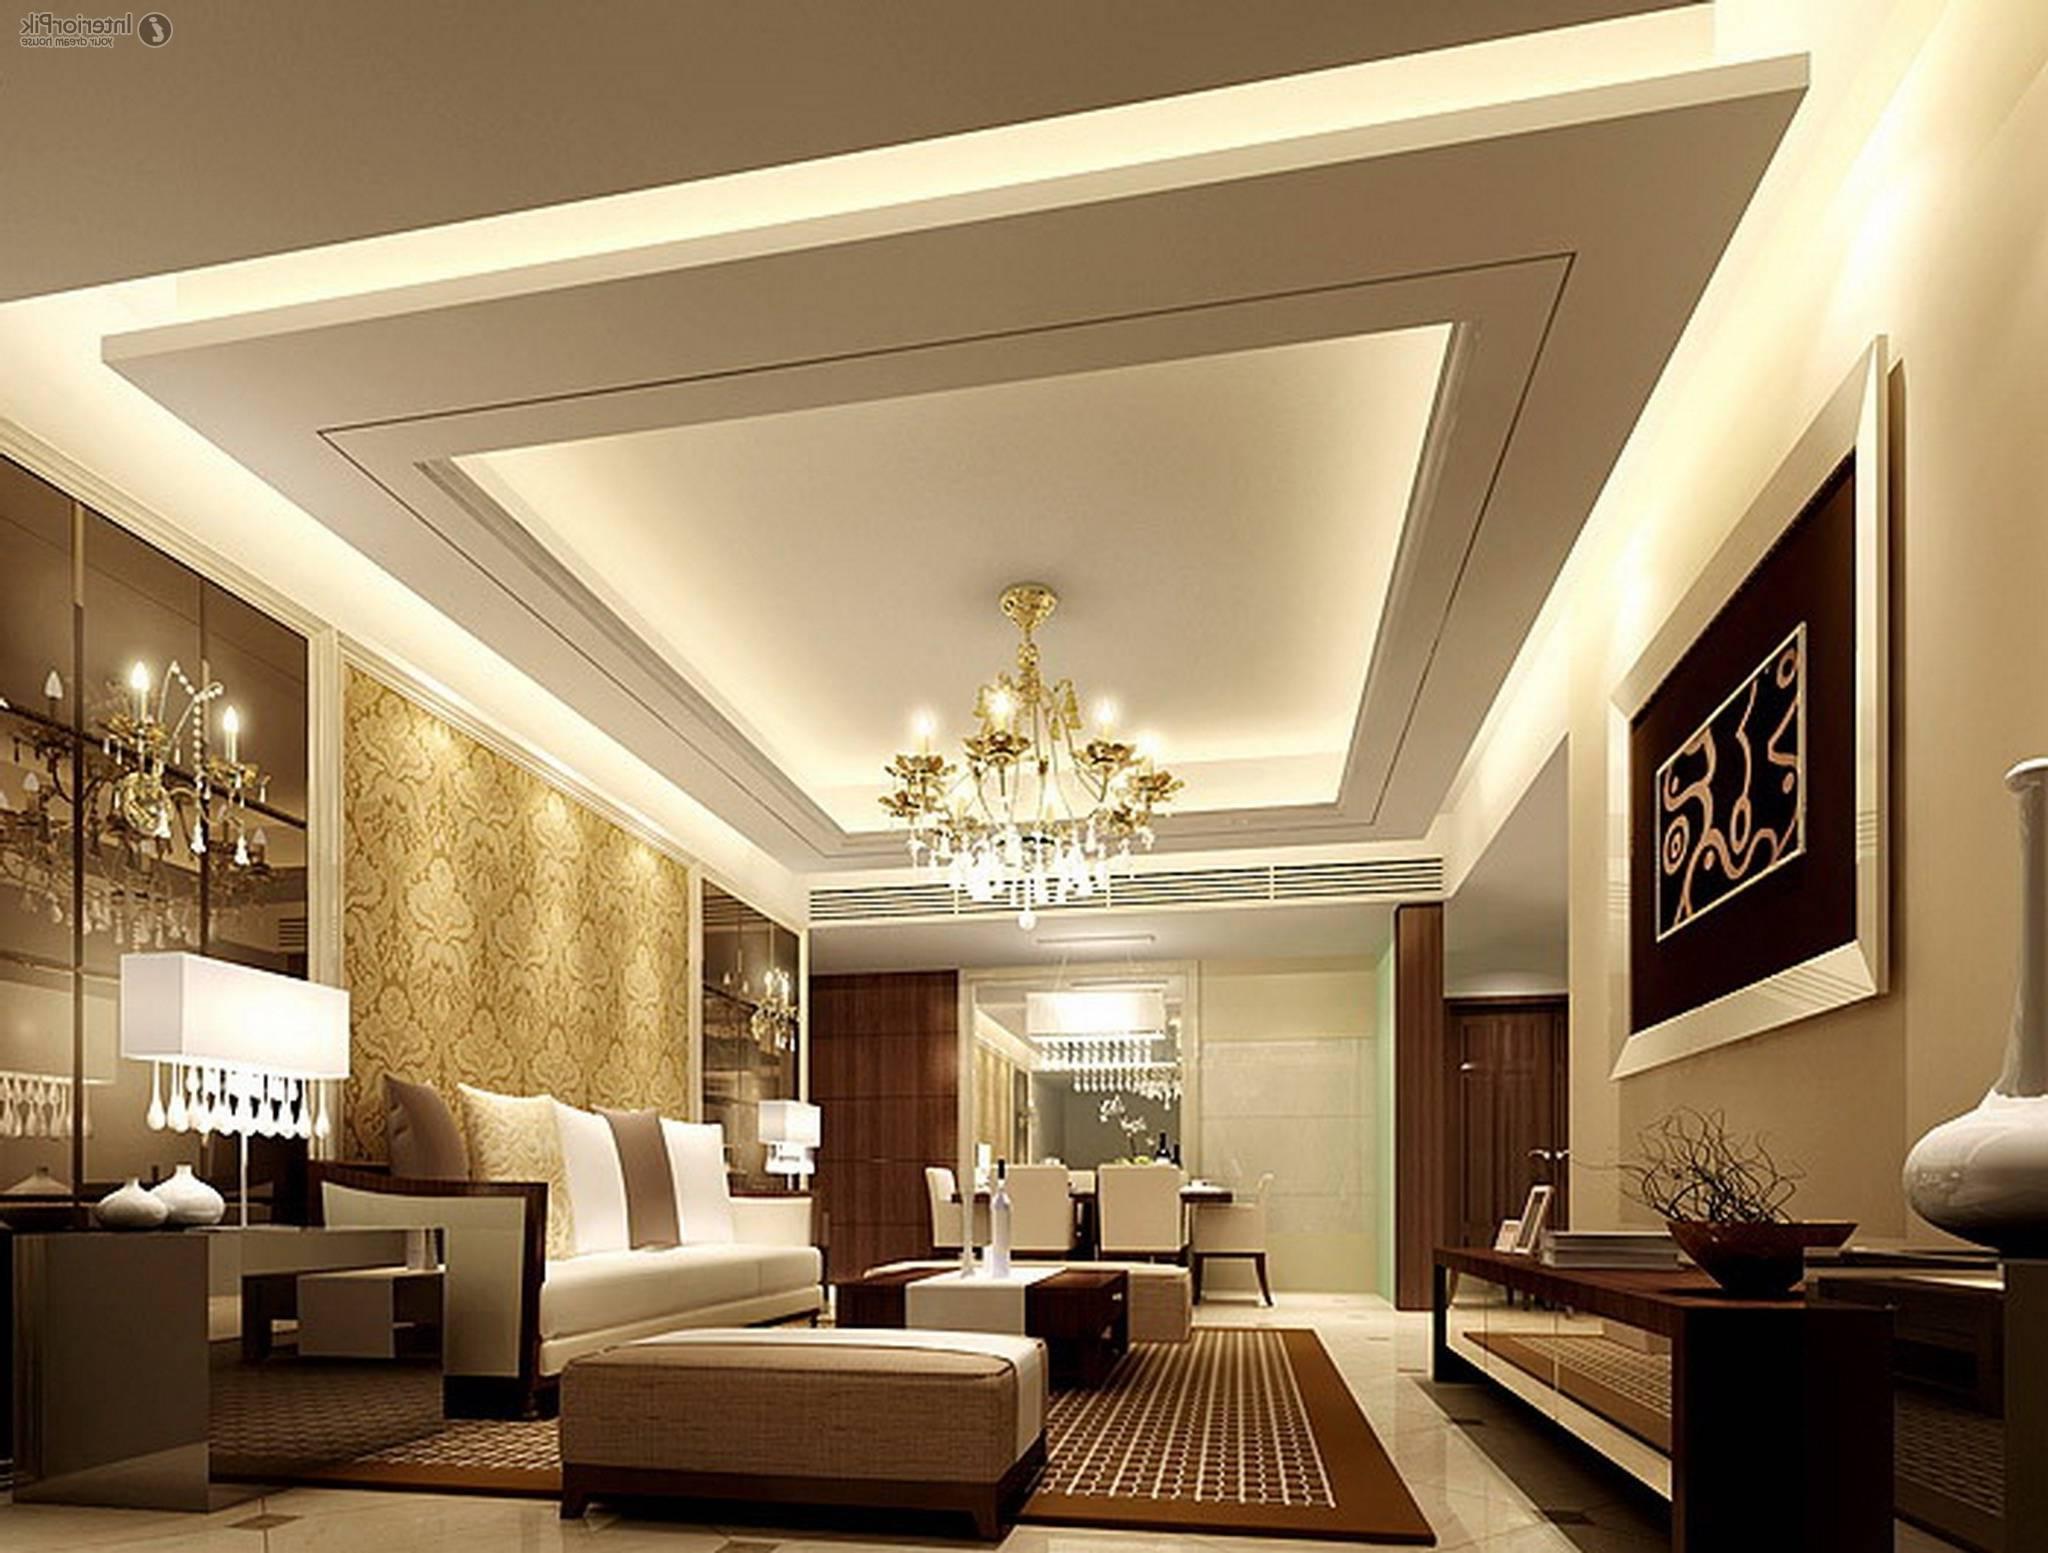 amazing ceiling designs